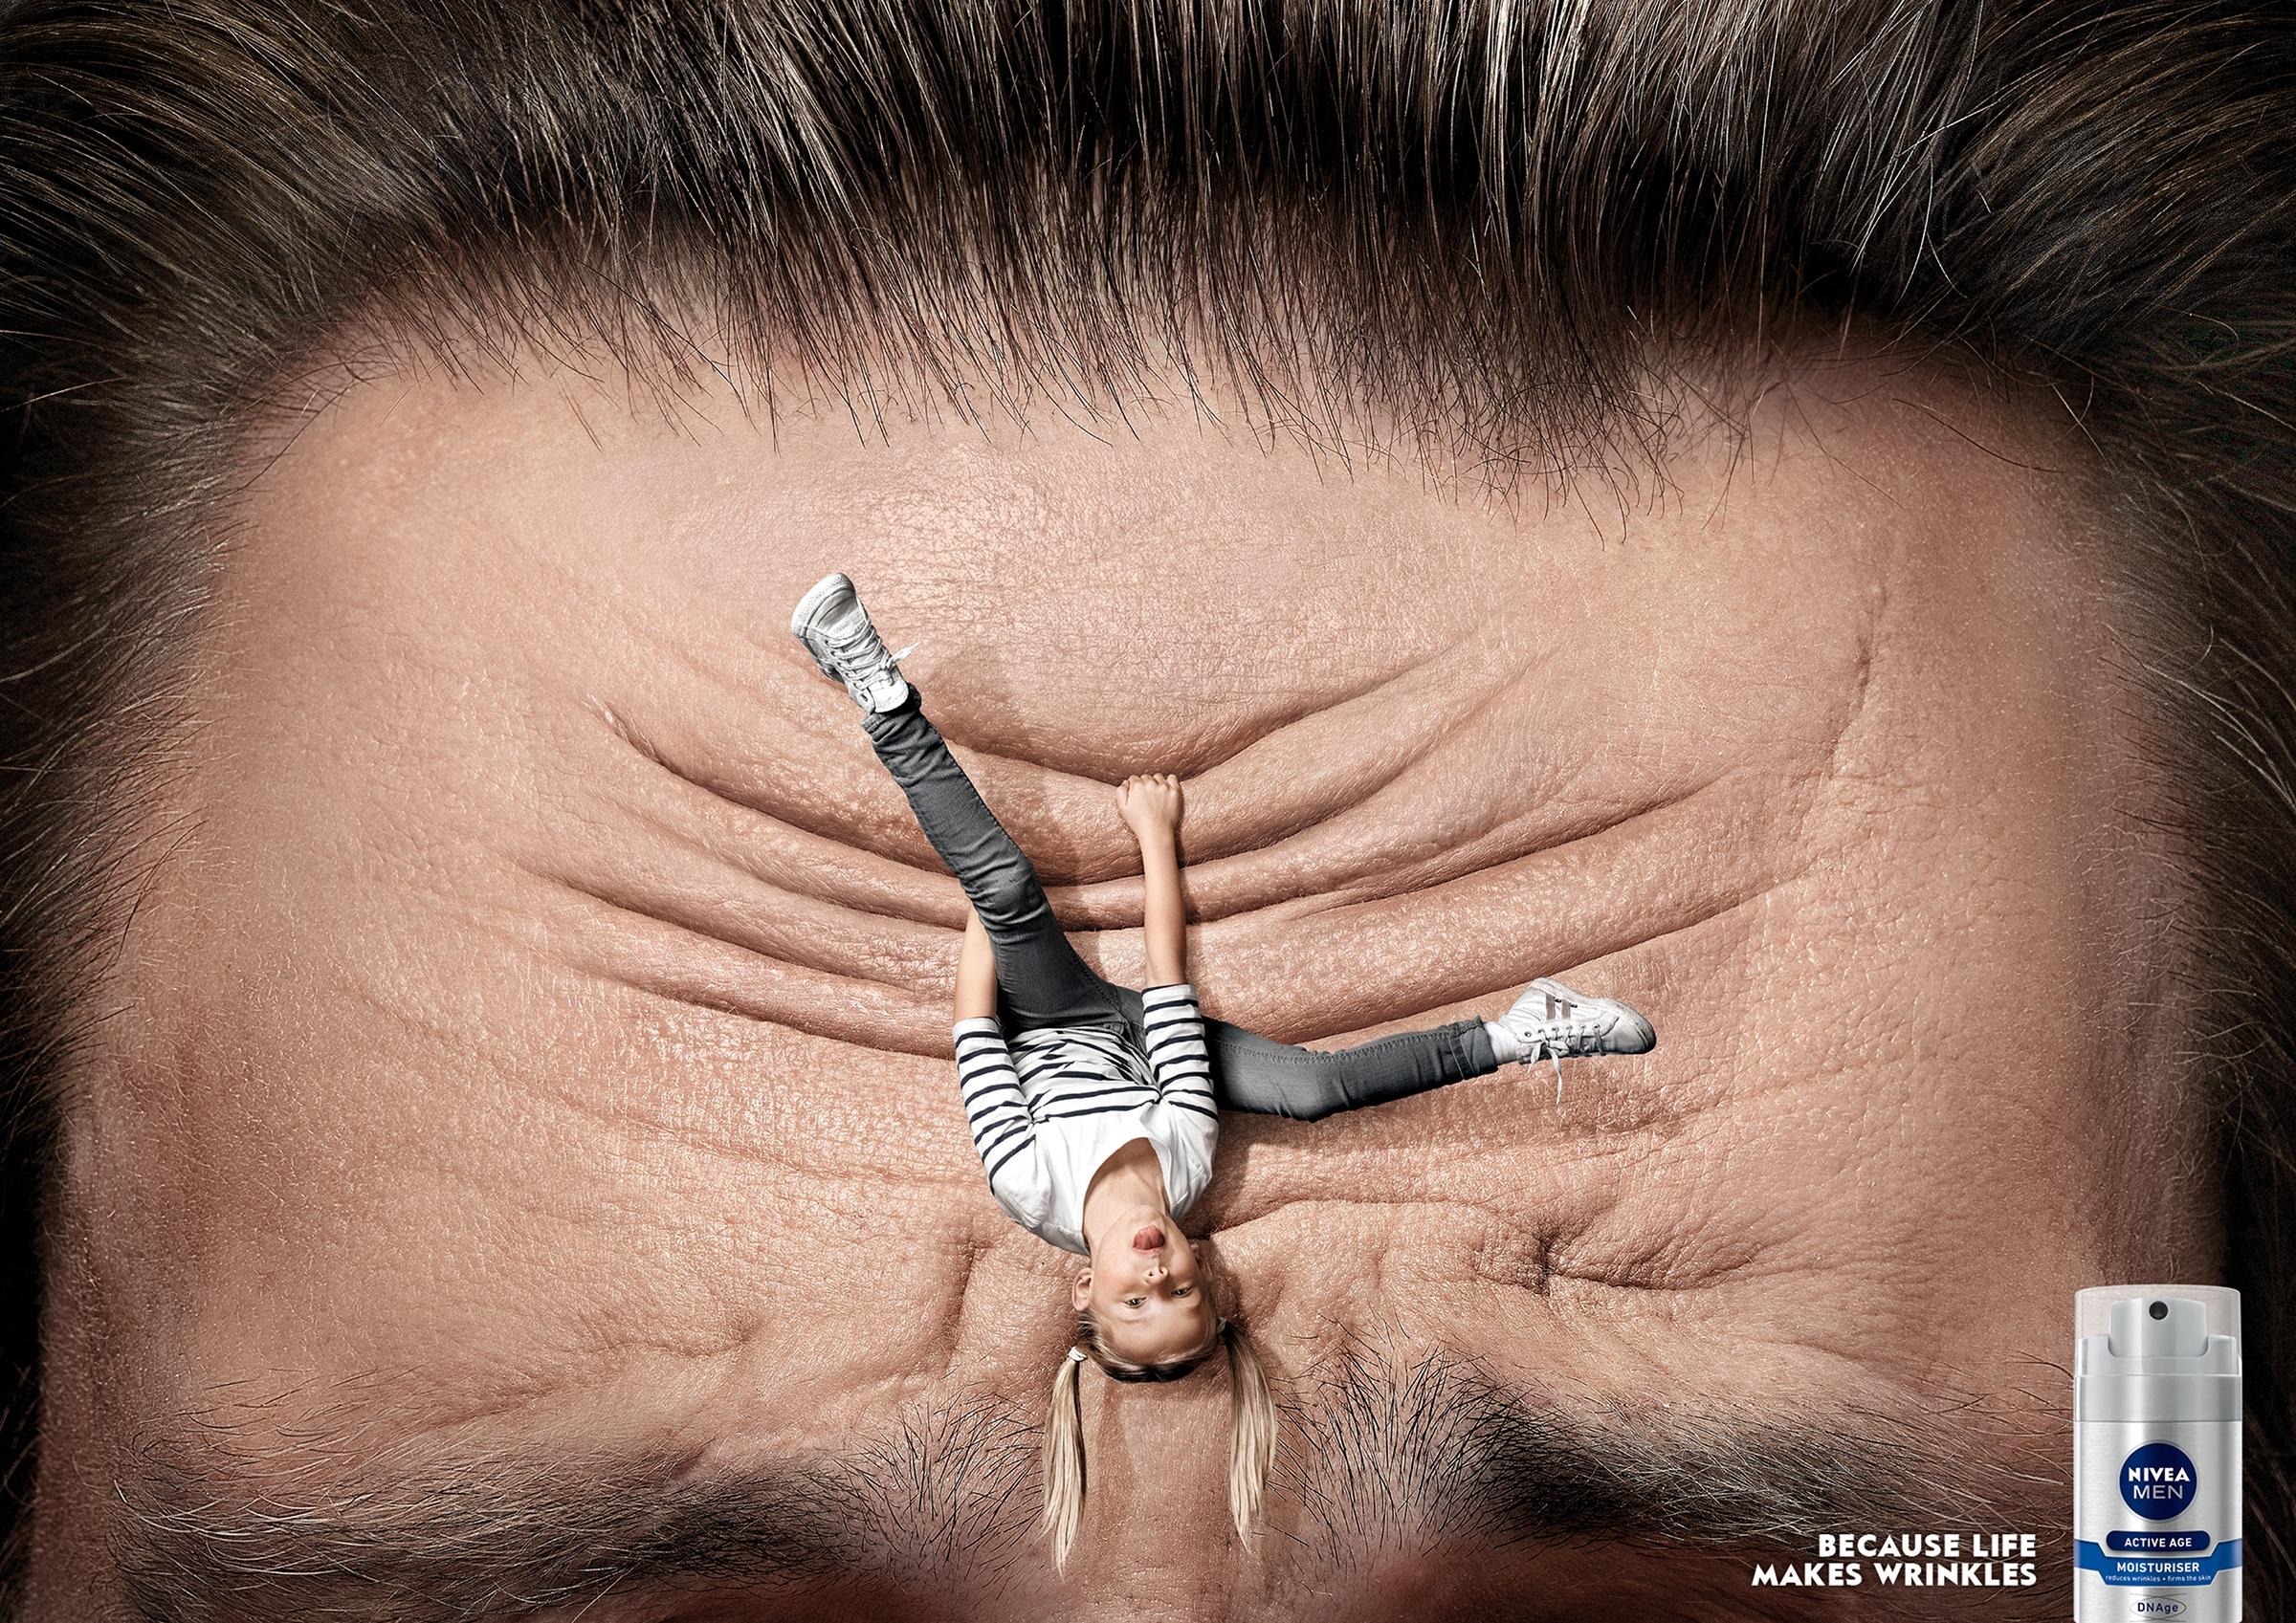 картинки смешные для рекламы работы косметологов туристического